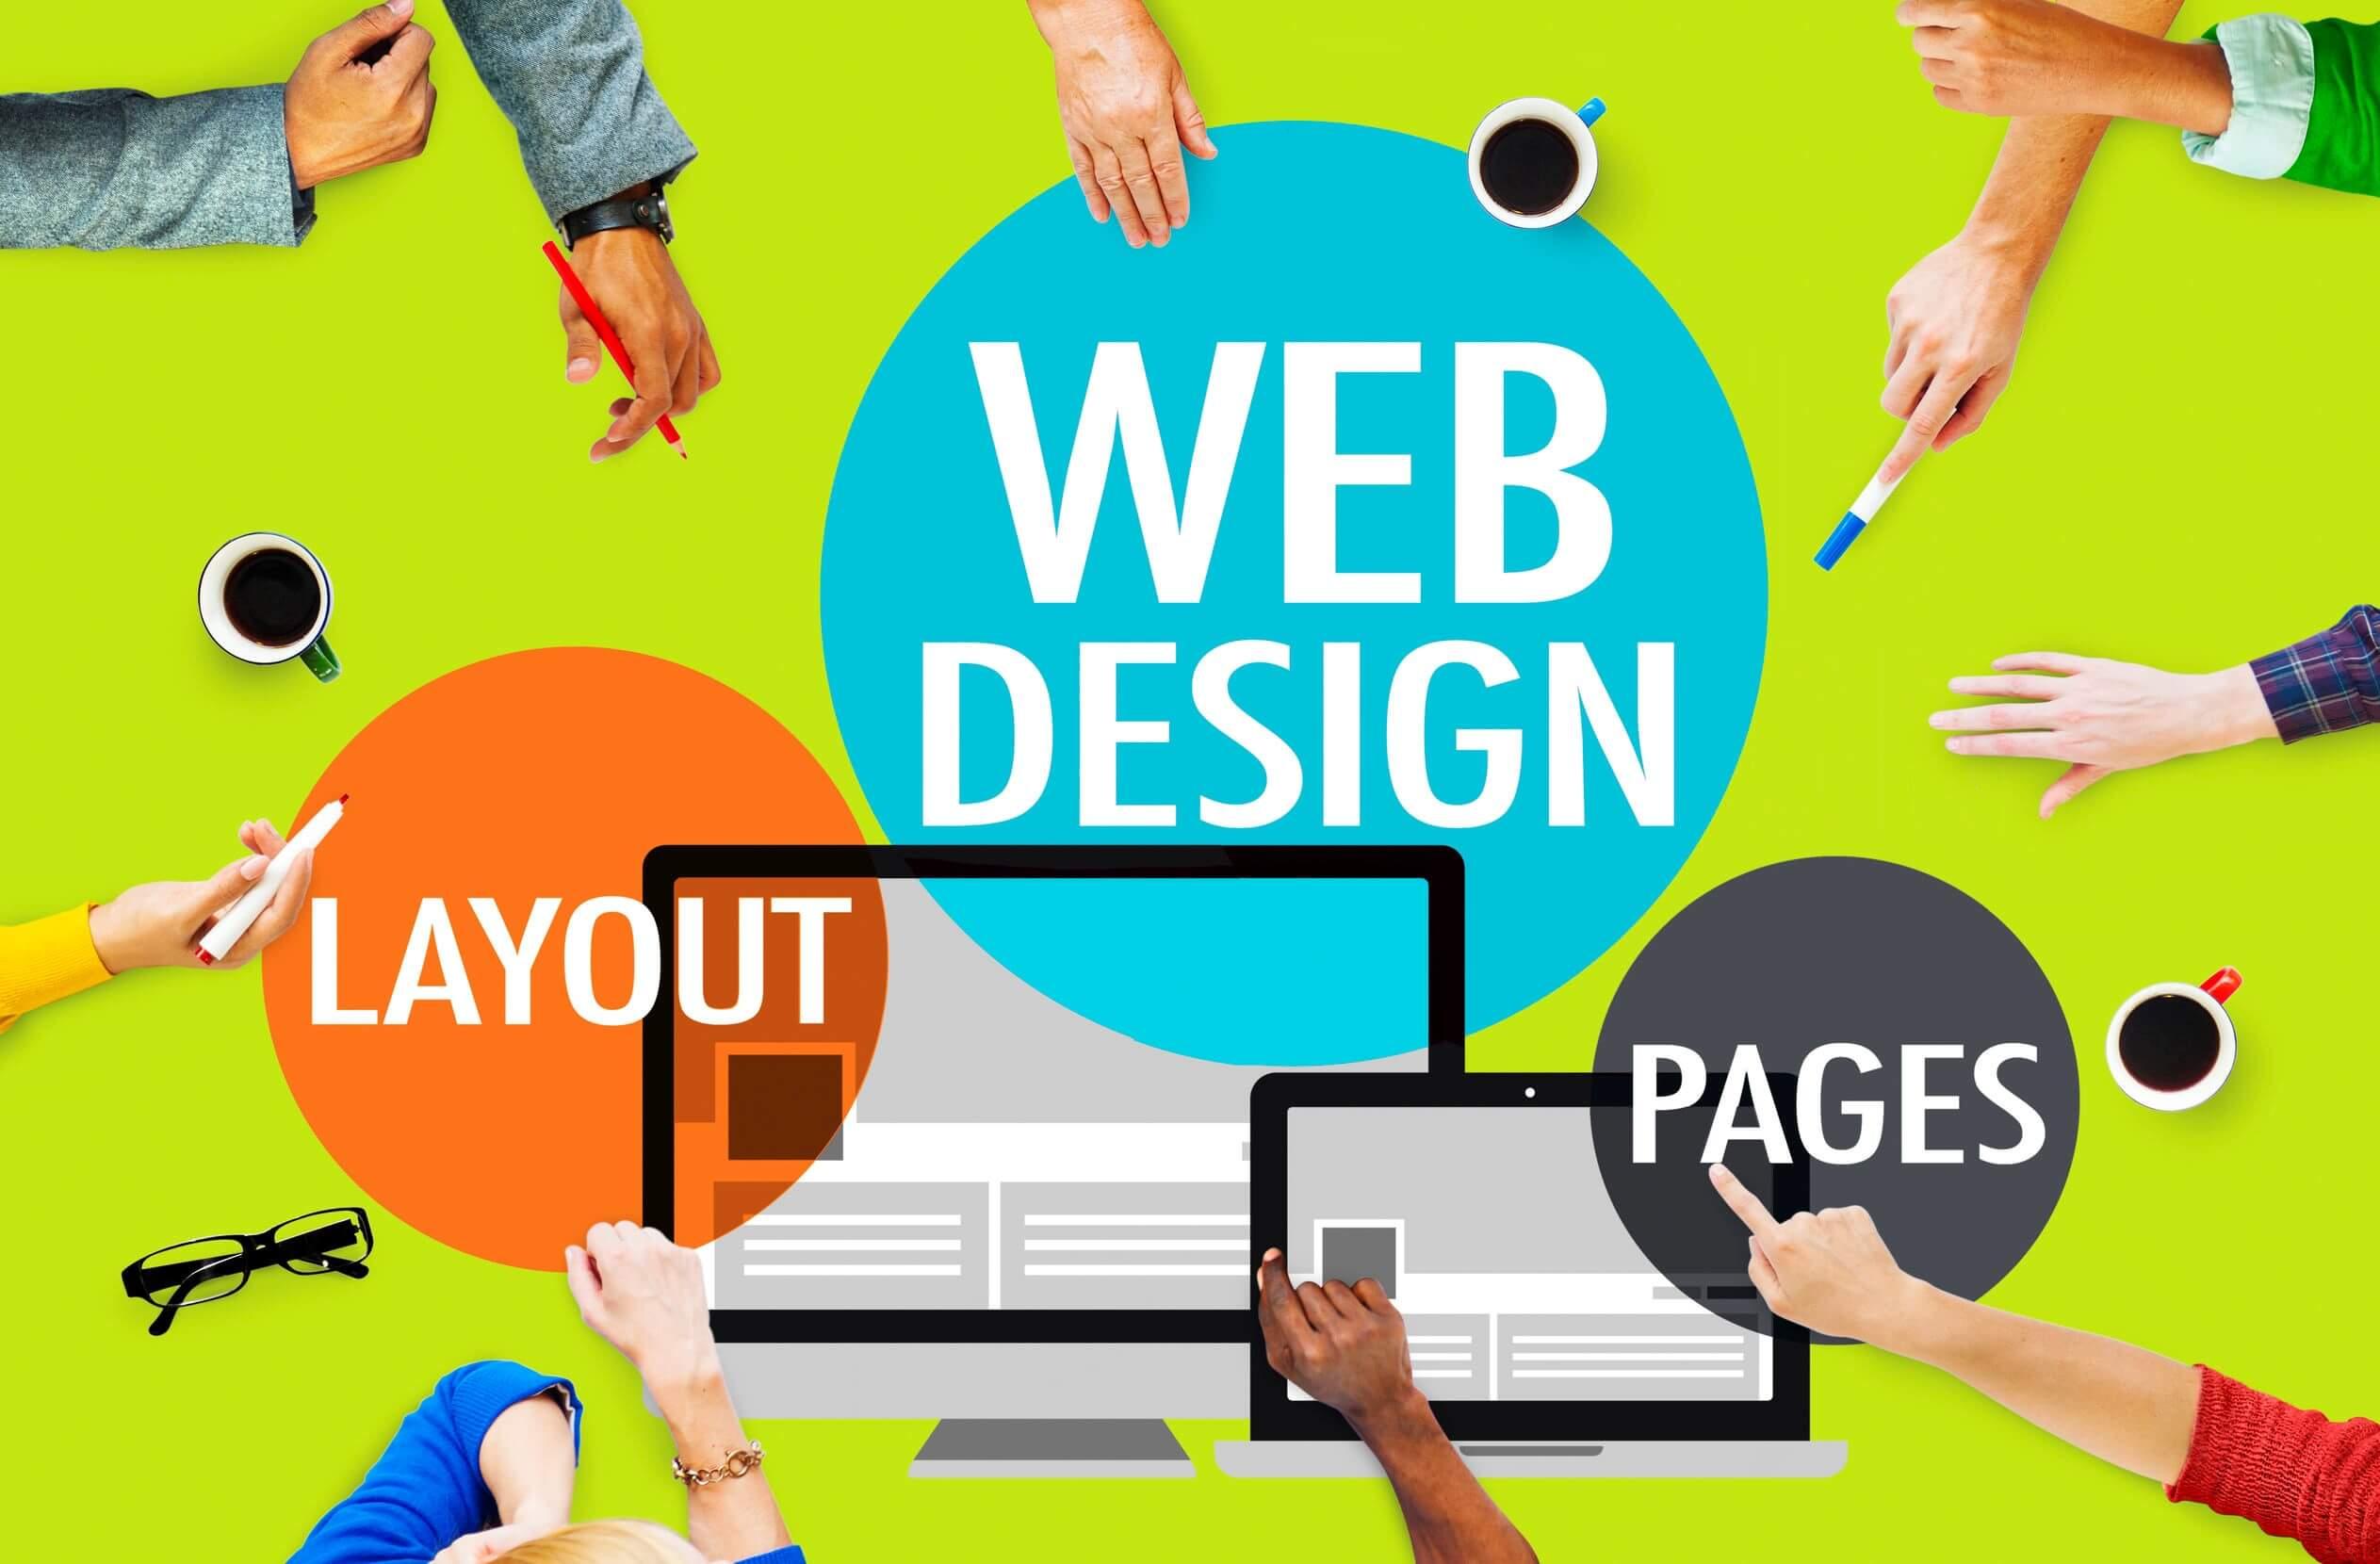 結合網頁設計元素、網站架構規劃以及用戶體驗優化,能夠大幅度地提高電子商務轉換率